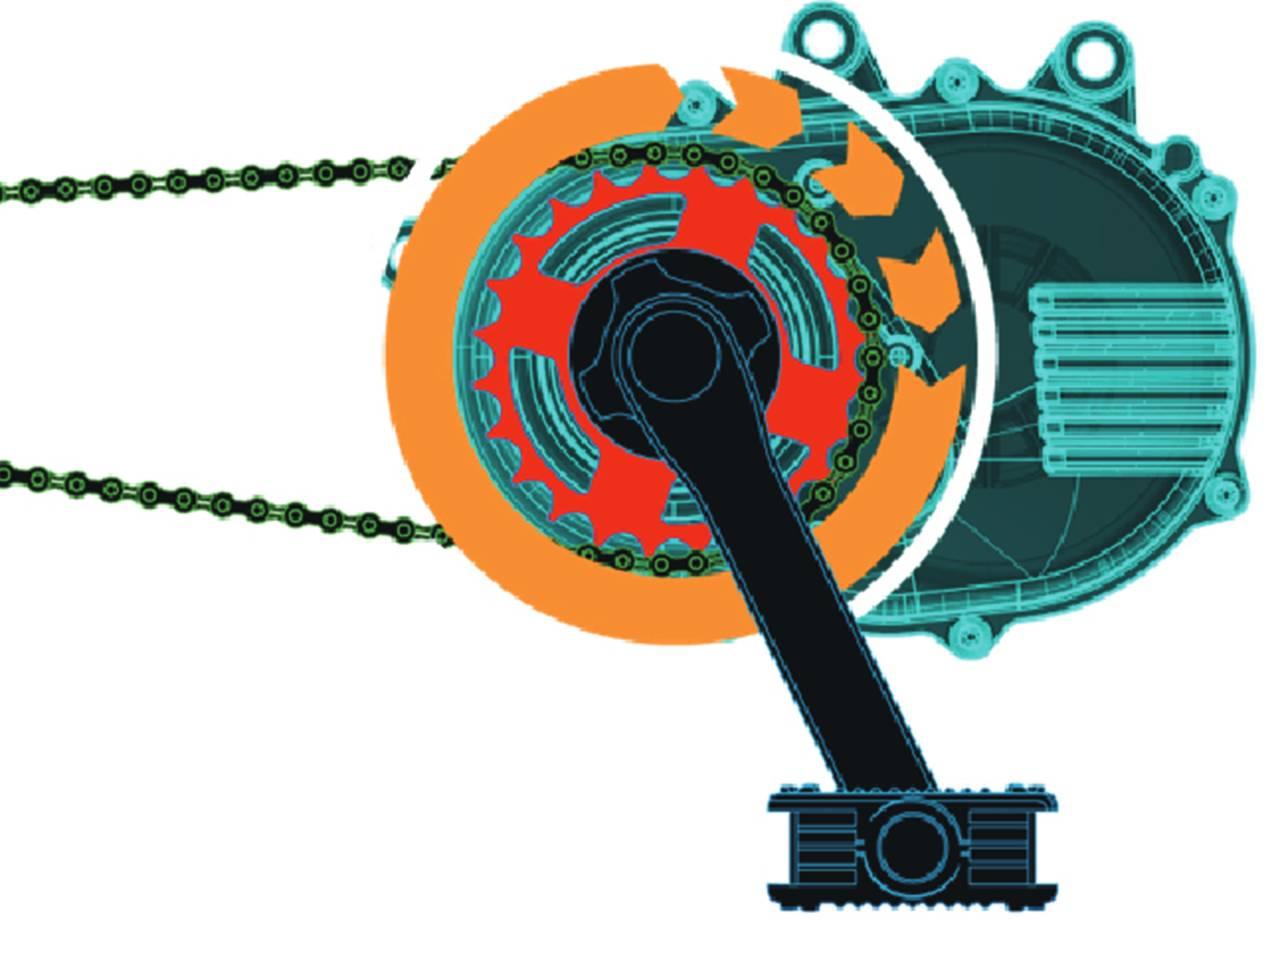 ダイレクトドライブ方式のモーターユニット「PLUS-D」と大容量バッテリーにより、パワフルな走りと最長走行距離80kmを実現している。